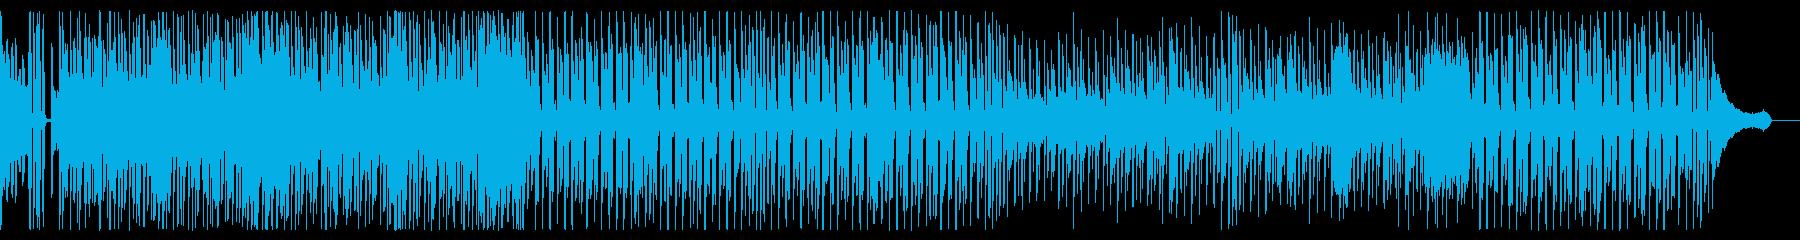 明るく跳ねるような、わくわくする曲の再生済みの波形